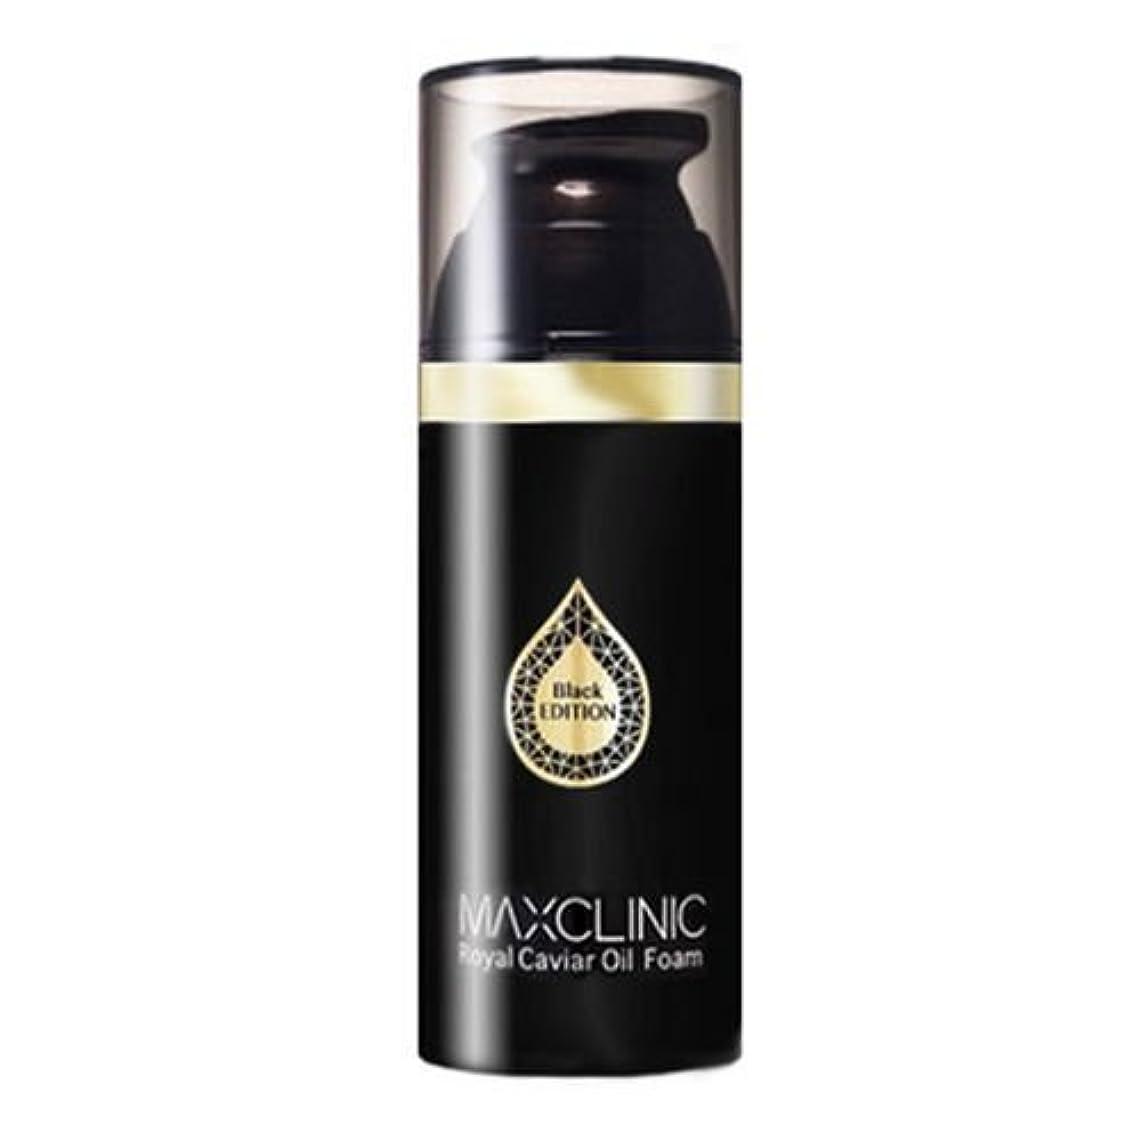 種をまく歪める鏡マックスクリニック[韓国コスメMaxclinic]Royal Caviar Oil Foam Black Edition ロイヤルキャビアオイルフォームブラックエディション110ml [並行輸入品]